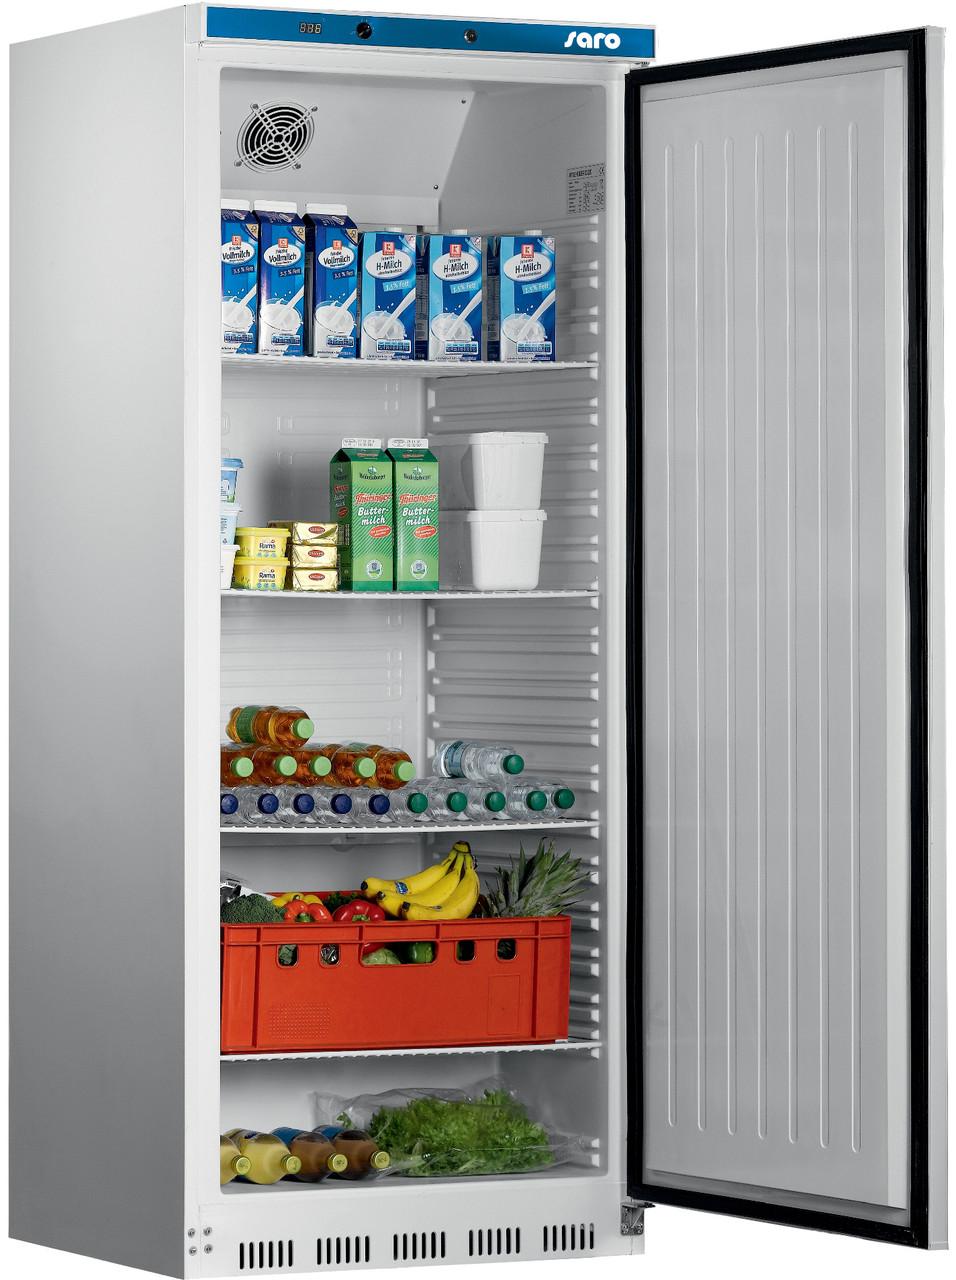 Вентилируемый холодильник HK 600 Saro